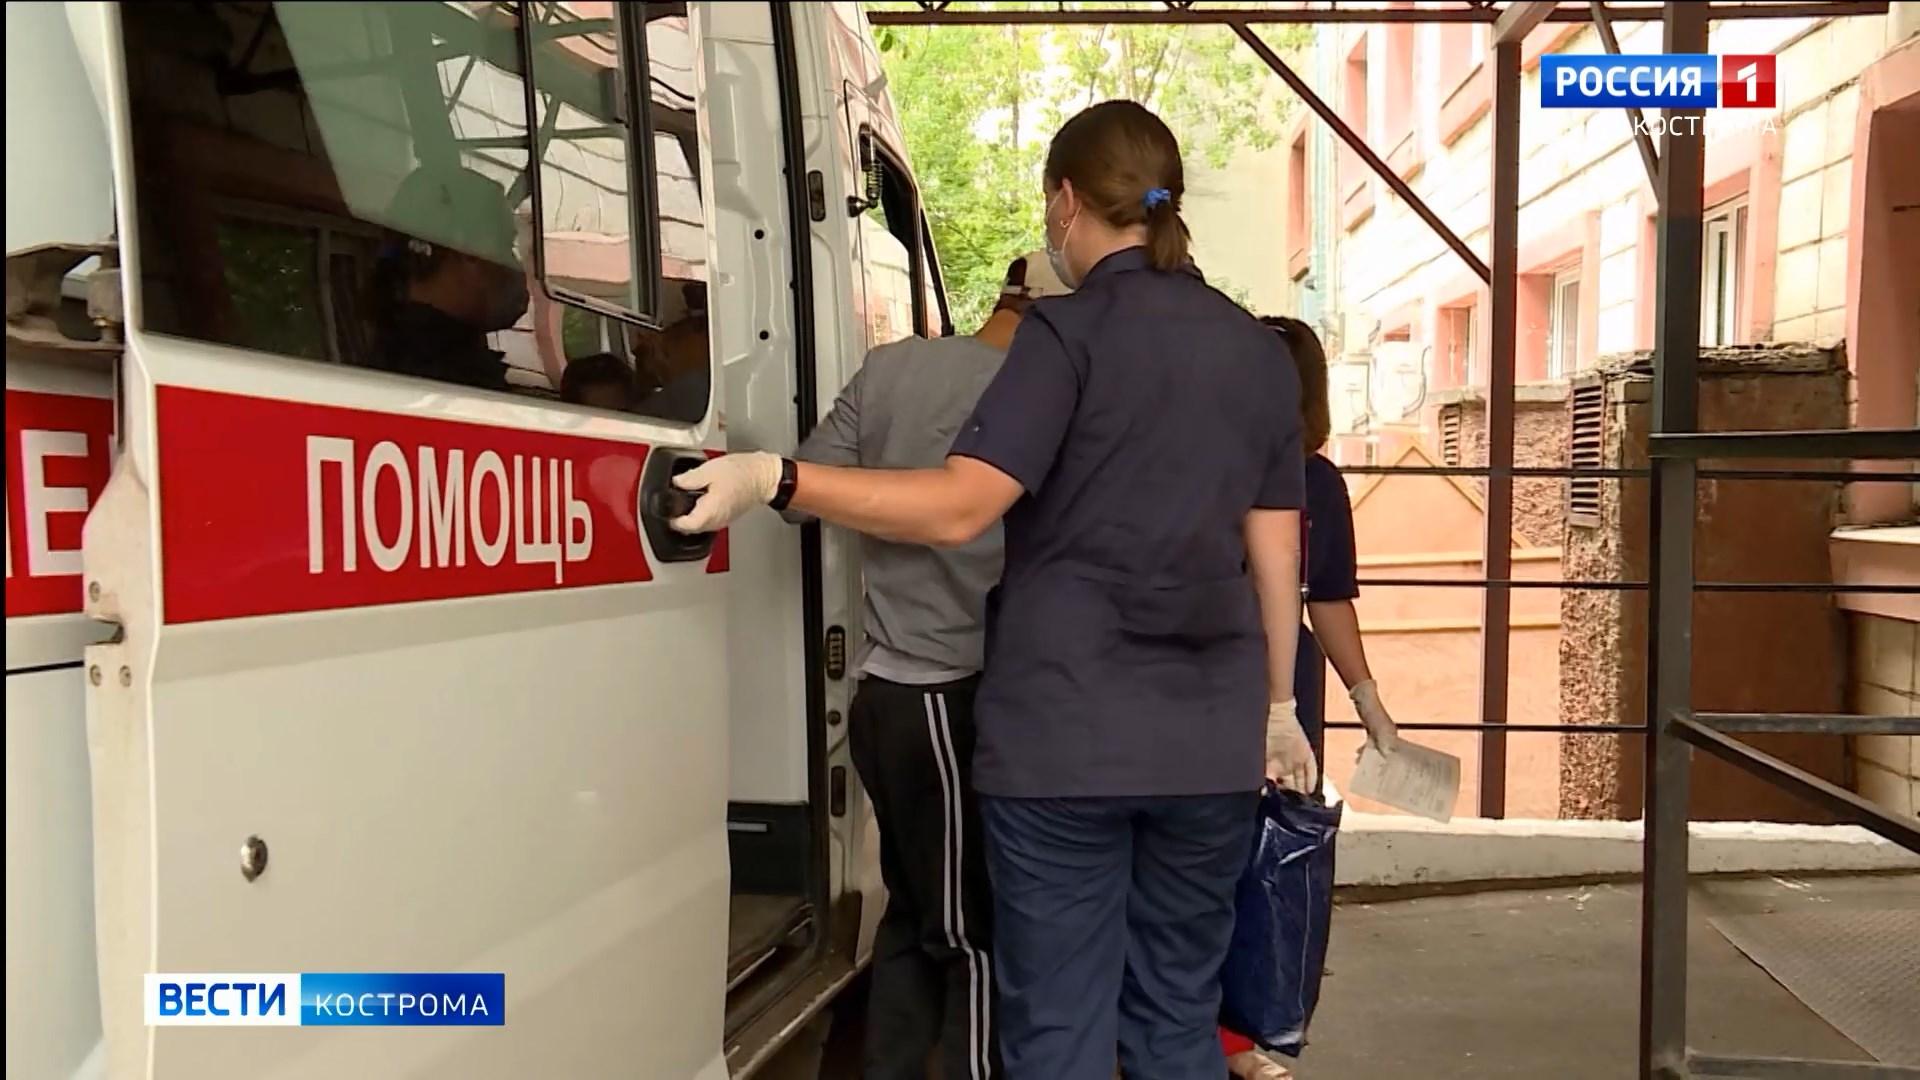 Бригады скорой помощи в Костроме обслуживают по 300 вызовов в сутки